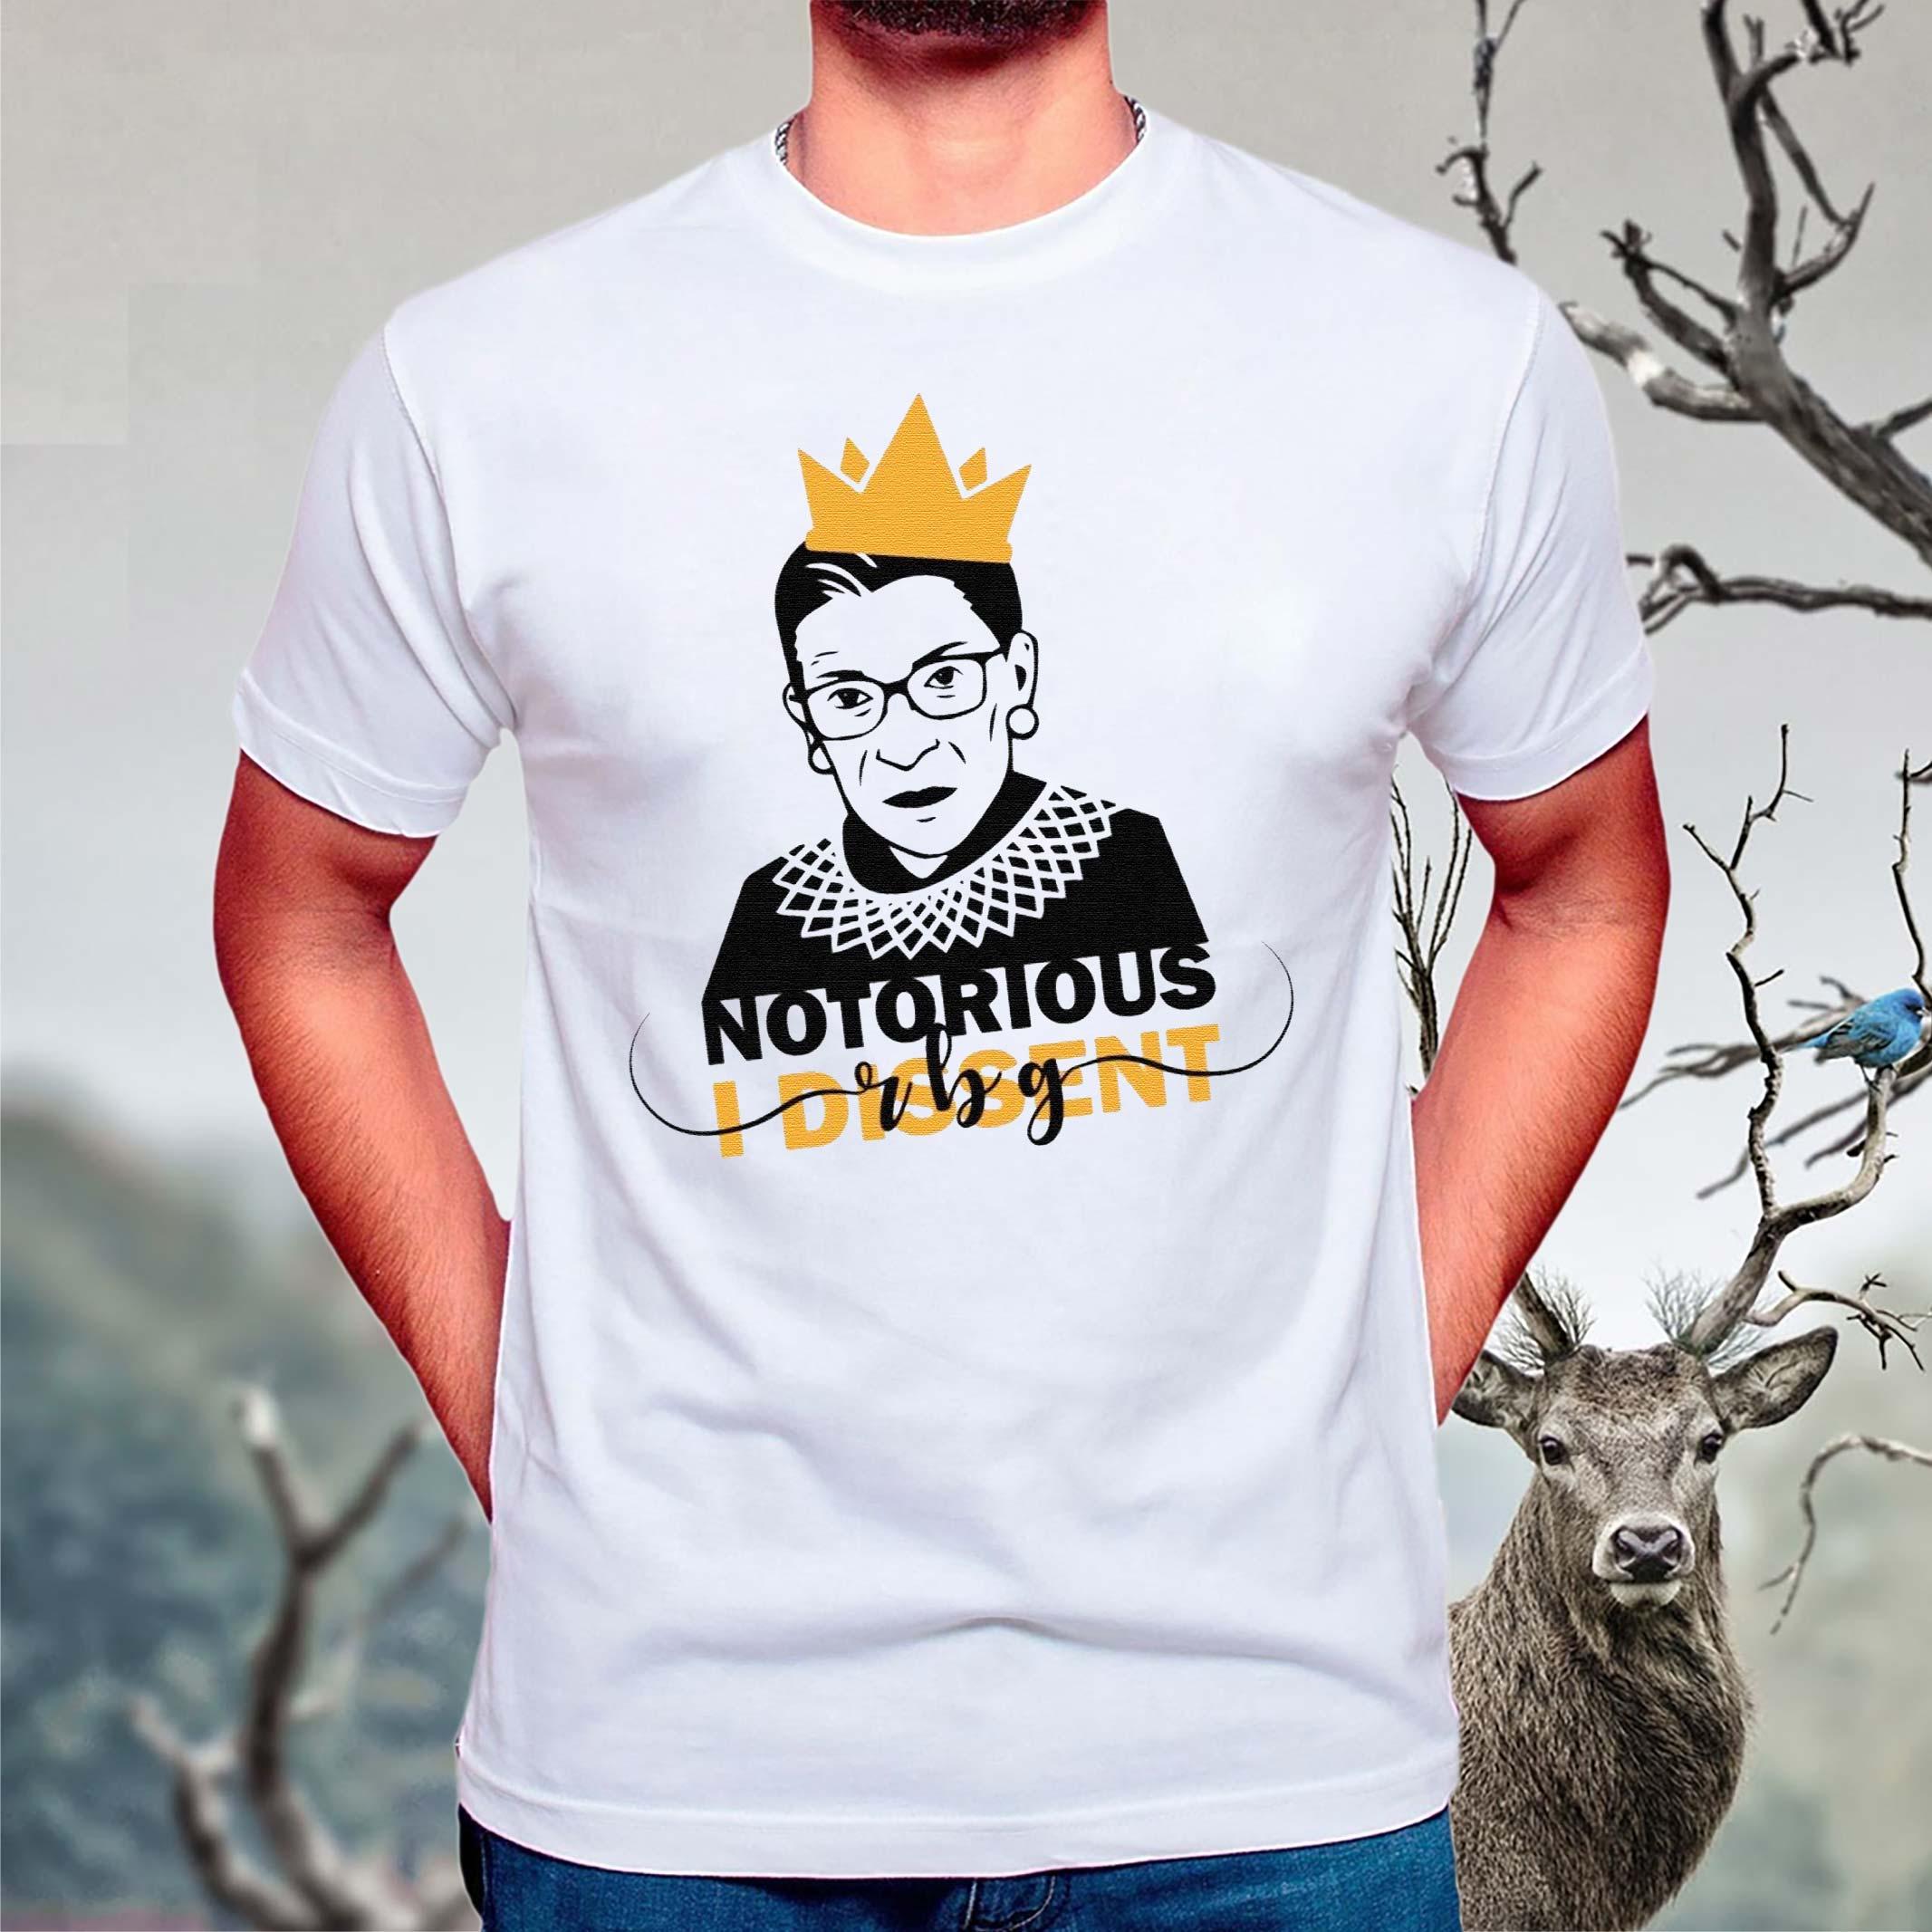 notorious-rbg-shirt-i-dissent-shirt